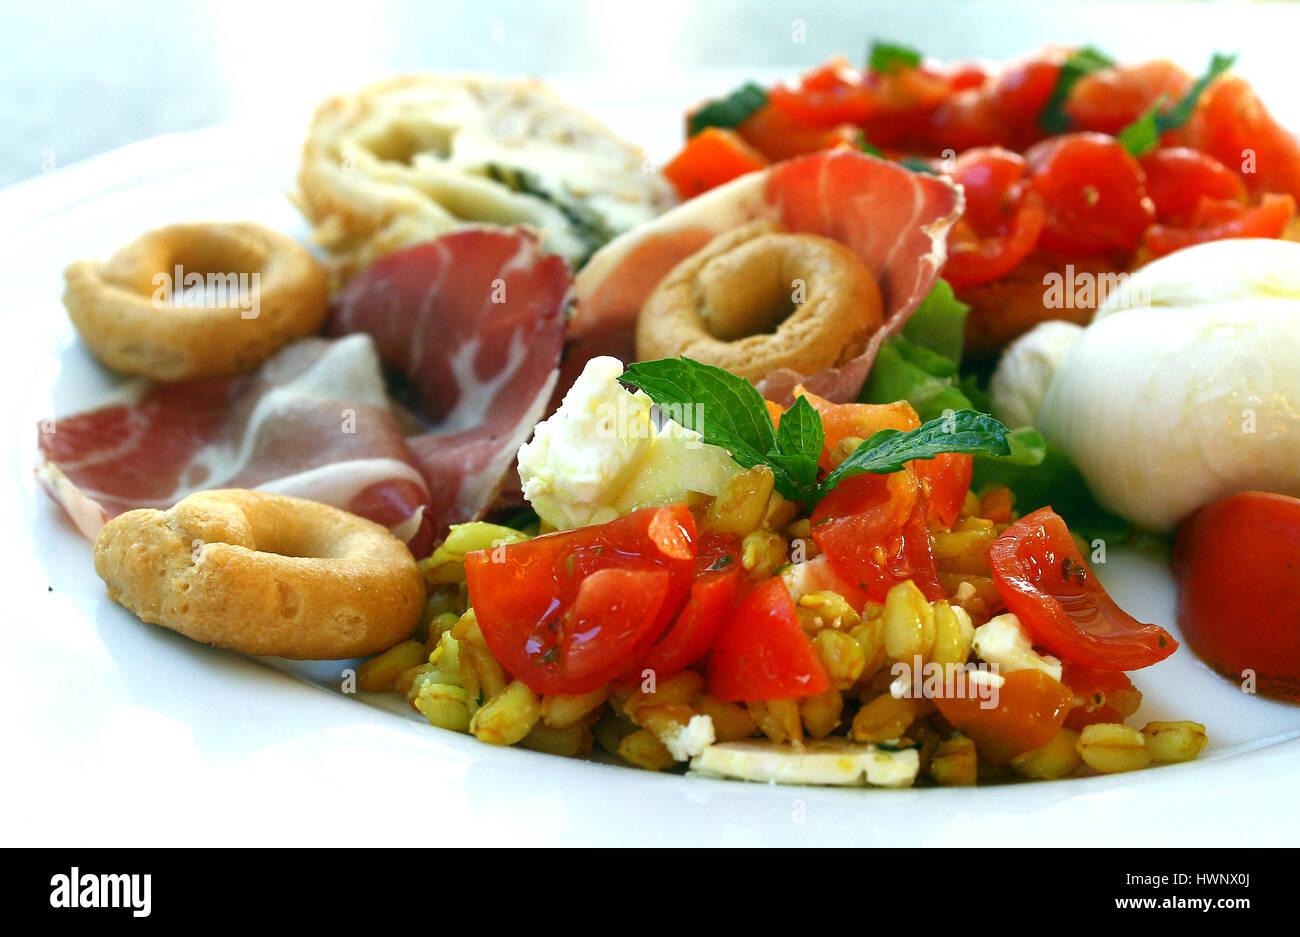 South Italy delicatessen with mozzarella cheese, tomato bruschetta, cold cuts - Stock Image